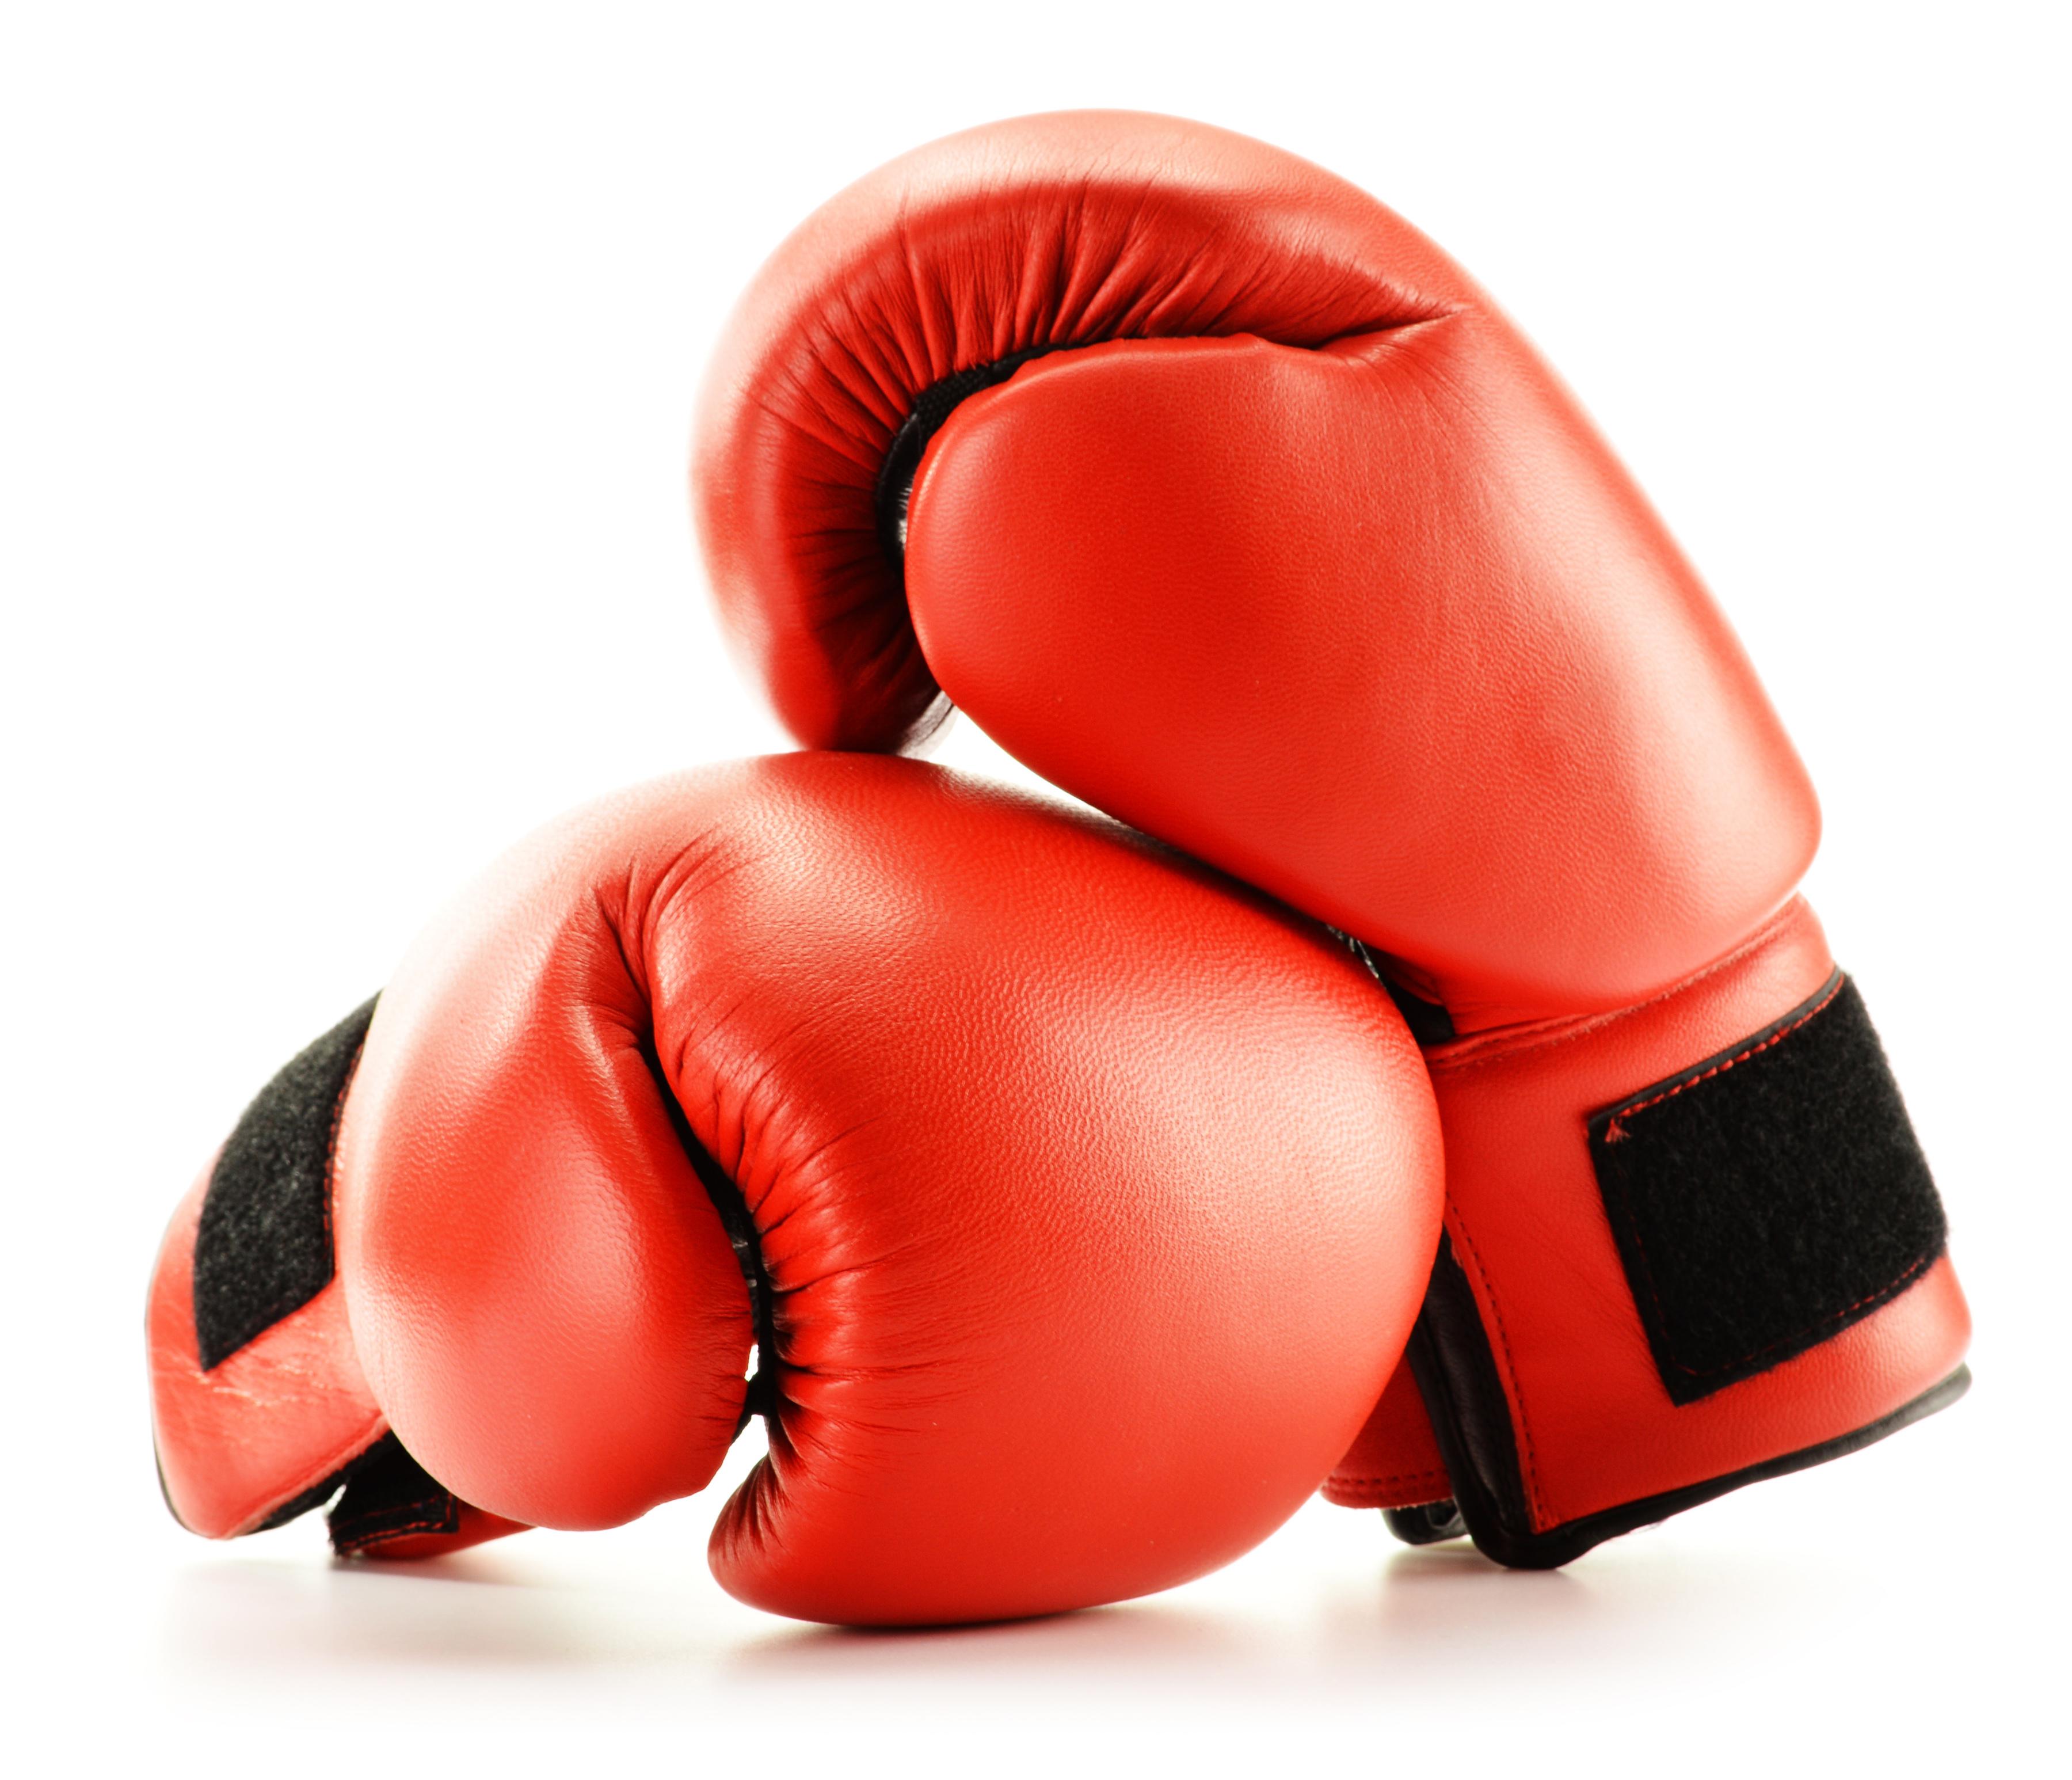 Топ-10 боксерских перчаток: рейтинг лучших моделей + советы по выбору